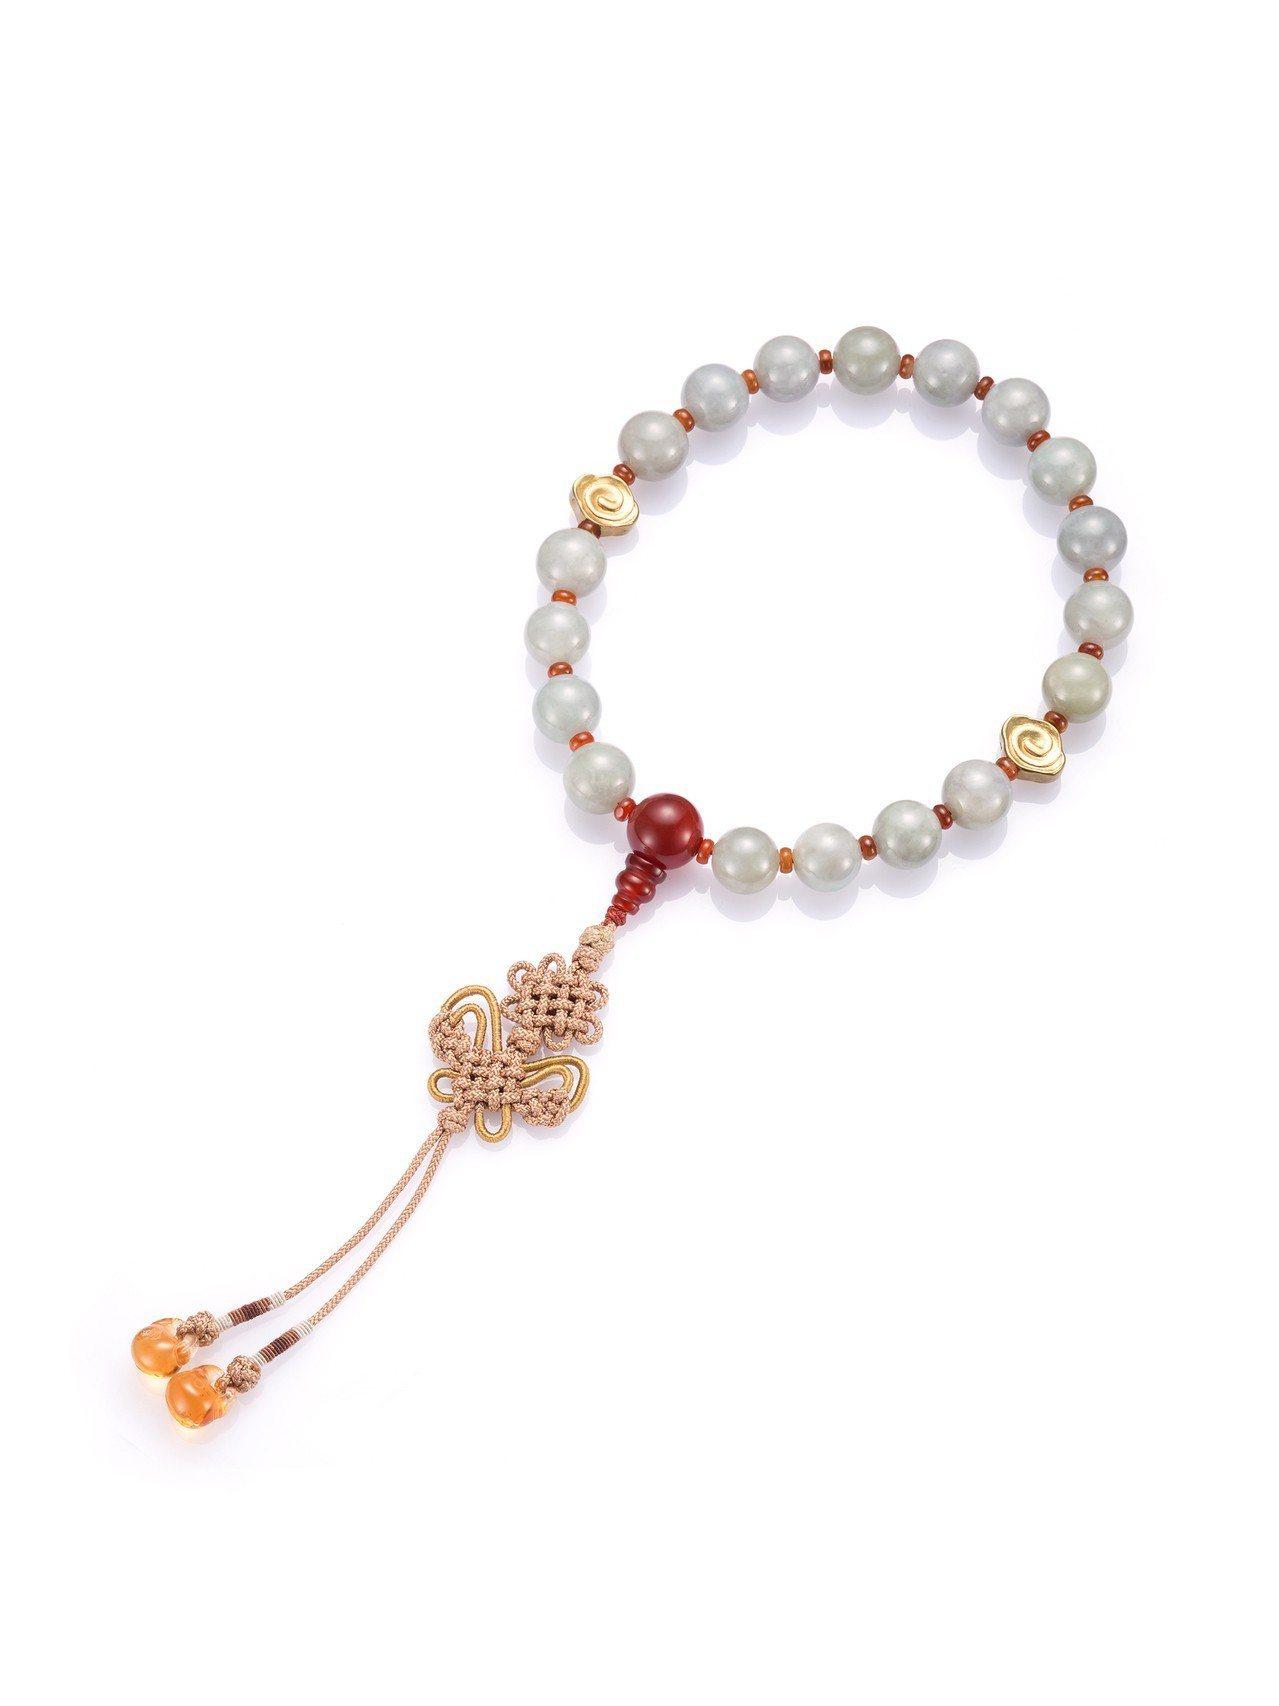 玉世家翡翠圓珠手串,搭配瑪瑙與黃晶,82,000元。圖/玉世家提供